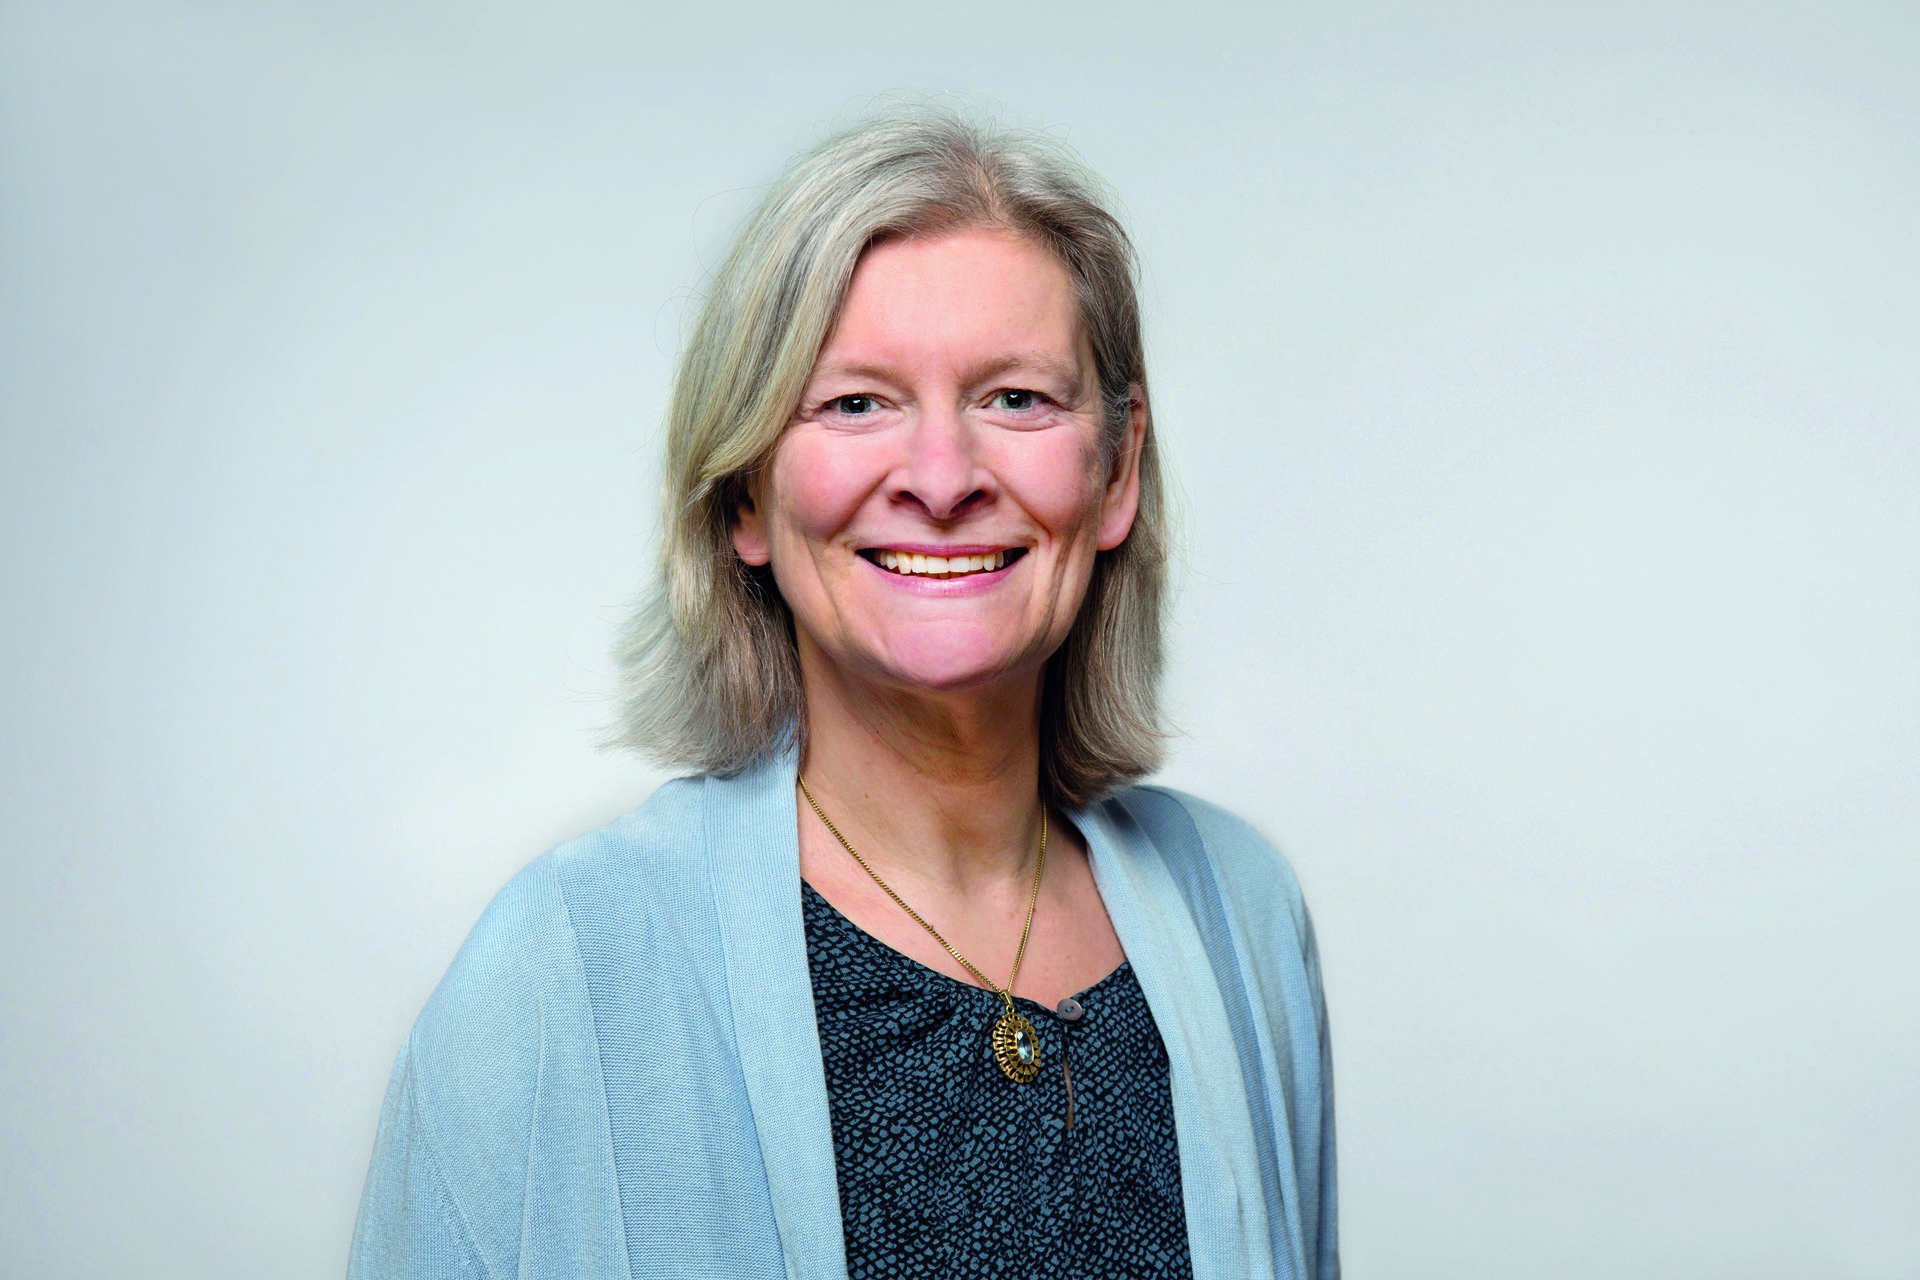 Daniela Schlögl ist Pflegeberaterin bei der Hamburger Angehörigenschule, die zur Diakonie gehört